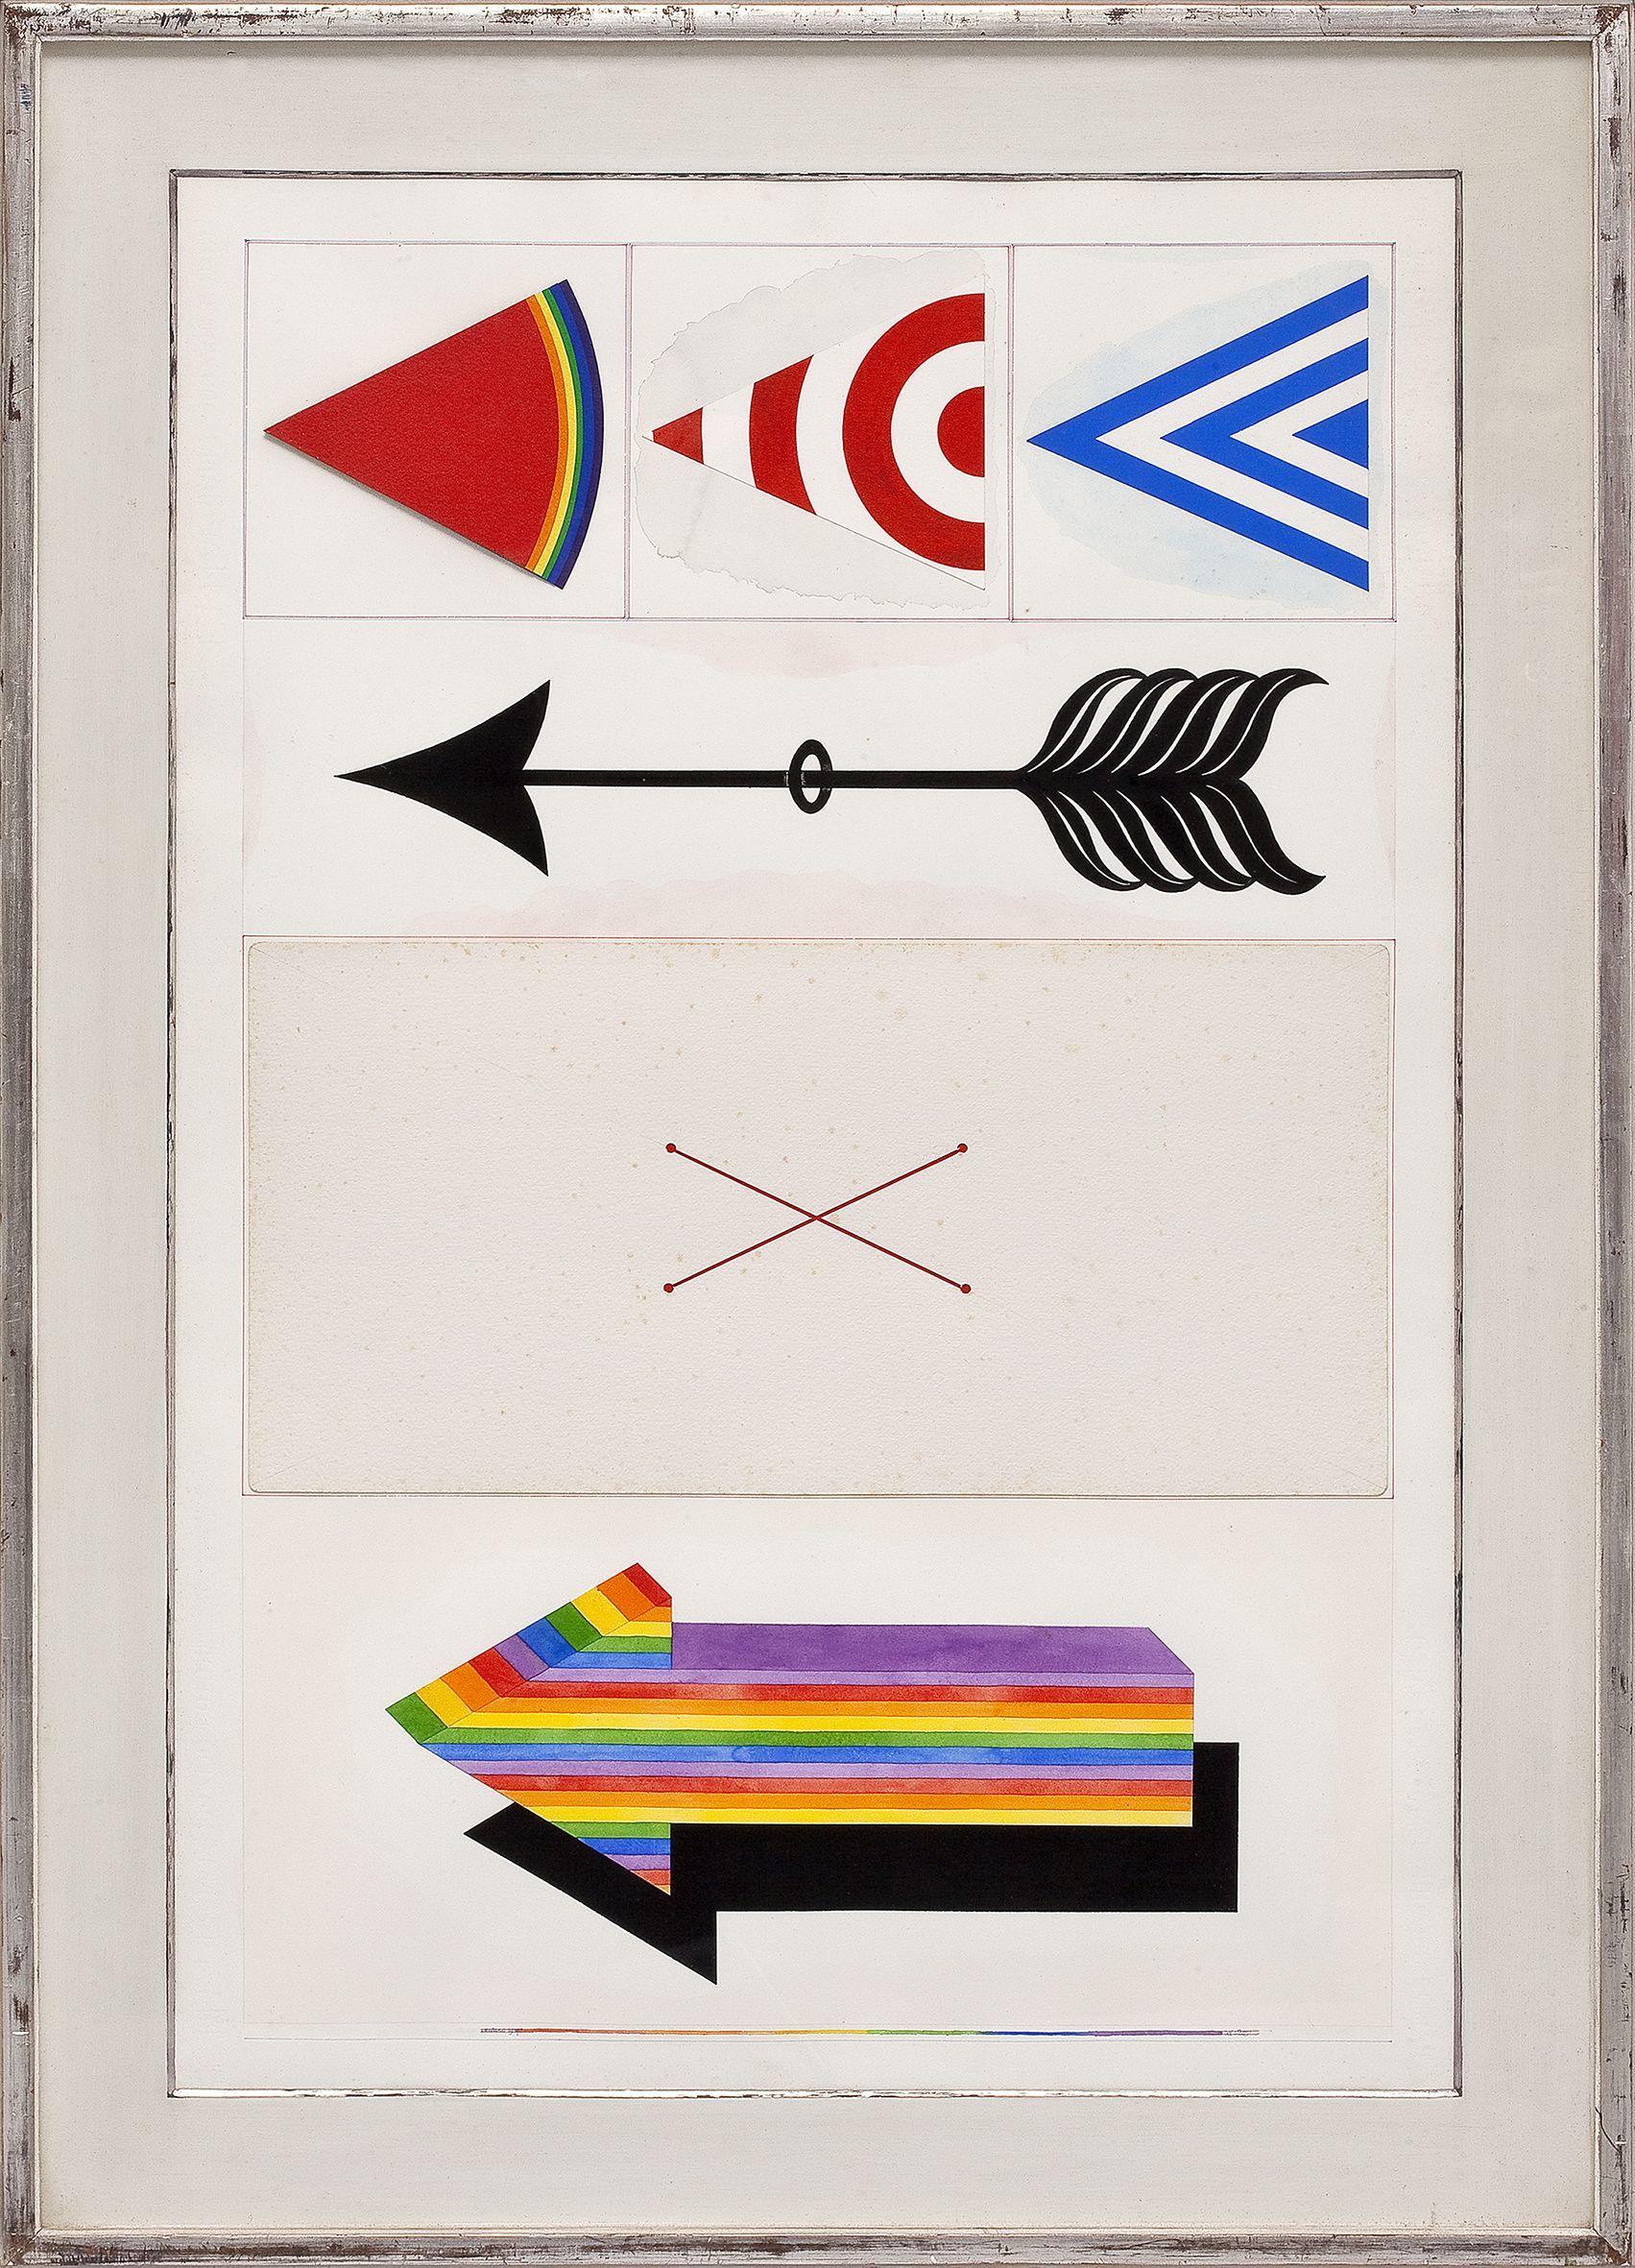 Lucio Del Pezzo, Senza titolo, 1964, tecnica mista su carta, 104x69 cm